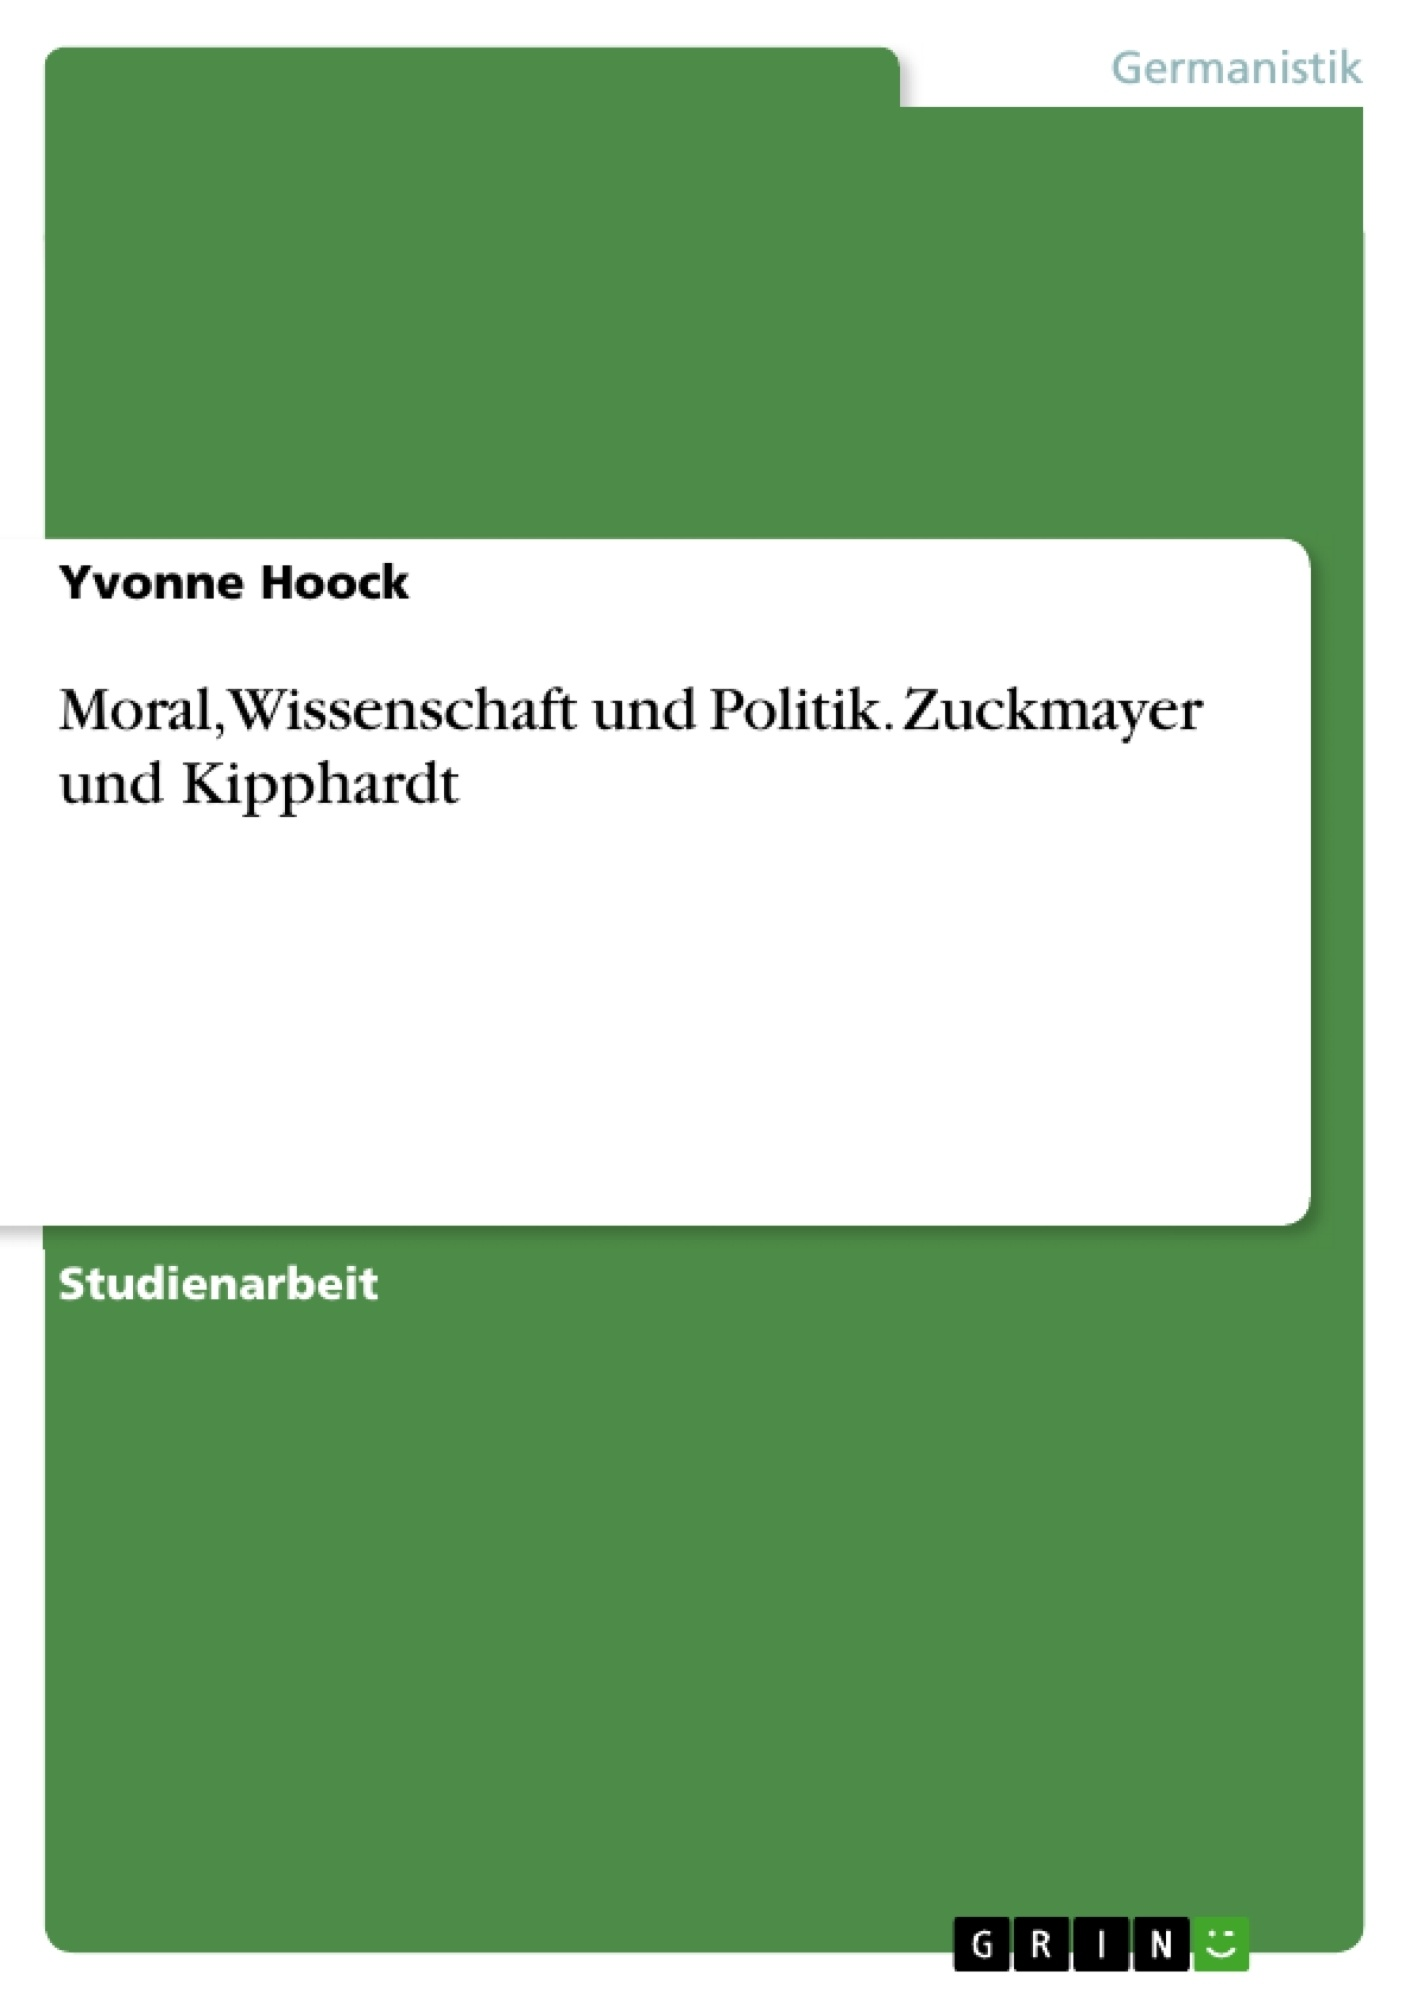 Titel: Moral, Wissenschaft und Politik. Zuckmayer und Kipphardt